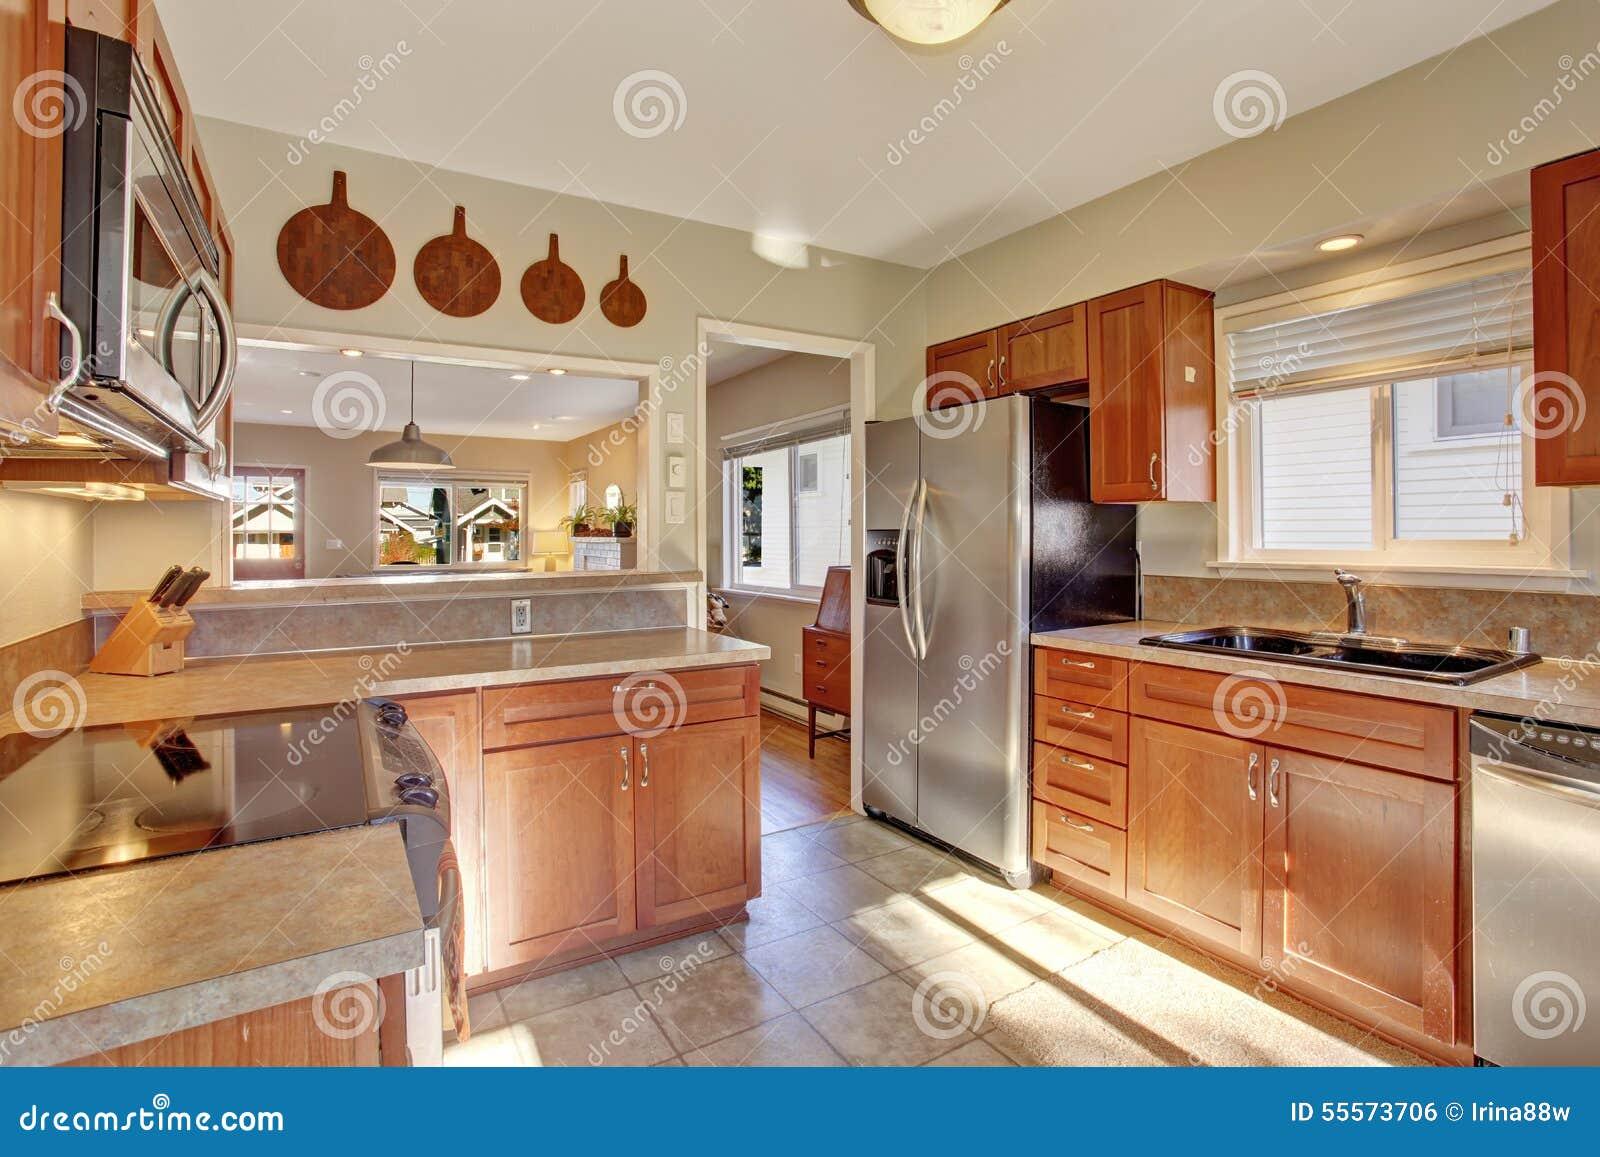 Cocina moderna con el suelo de azulejo foto de archivo for Alicatados de cocinas